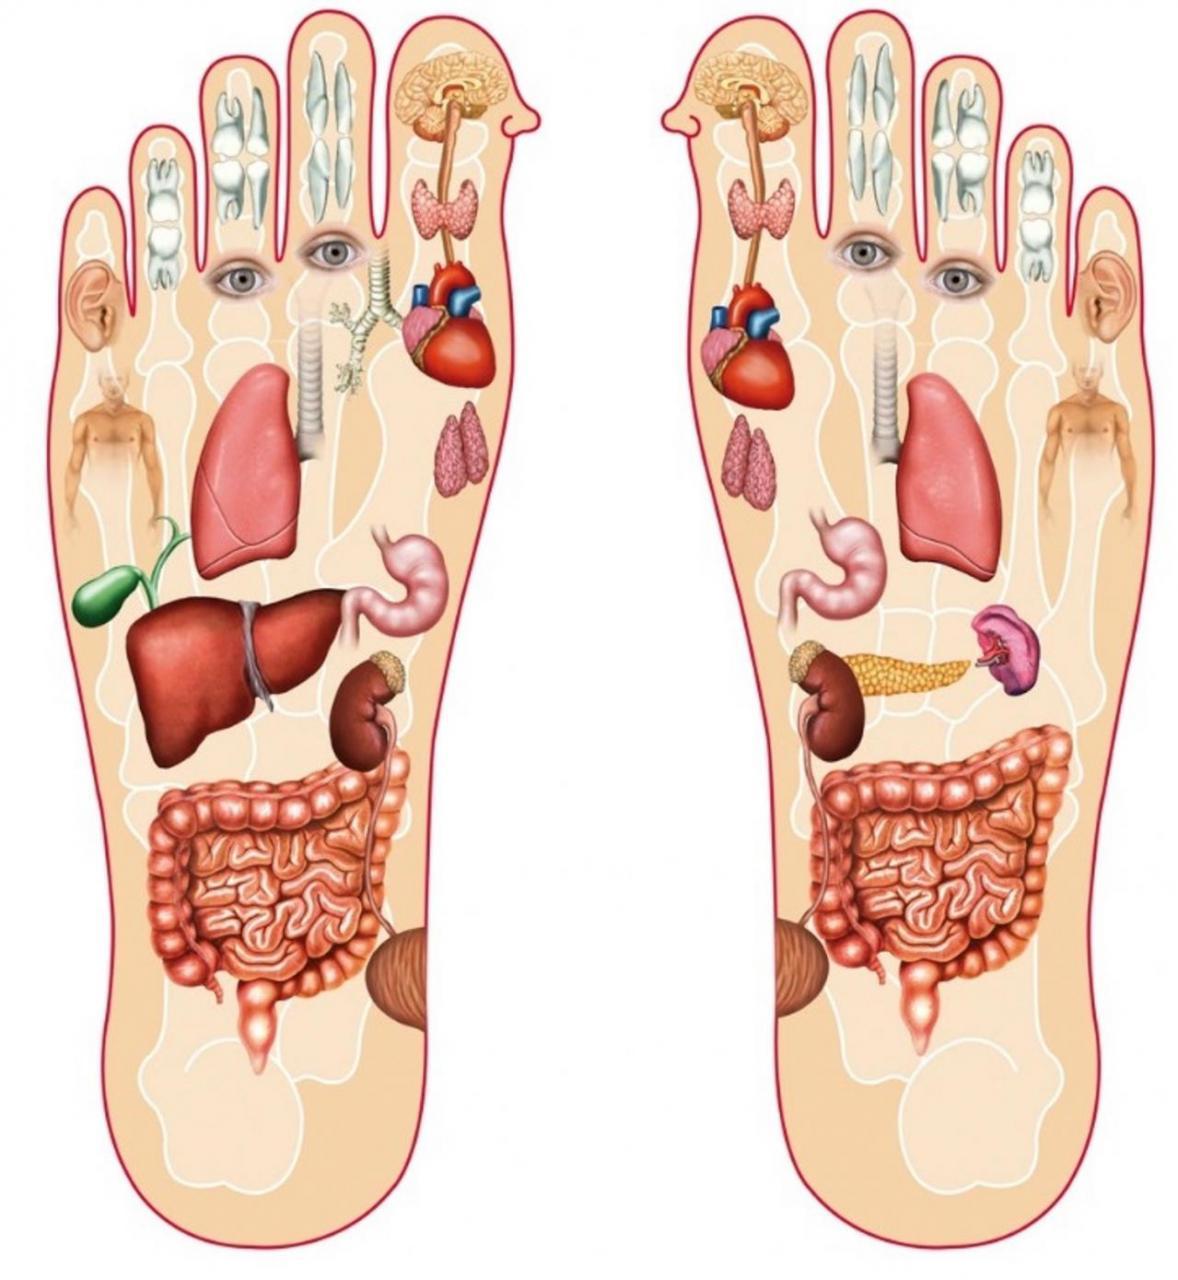 صورة علاج الم باطن القدم , اسباب و طريقة سهلة لعلاج الم باطن القدم